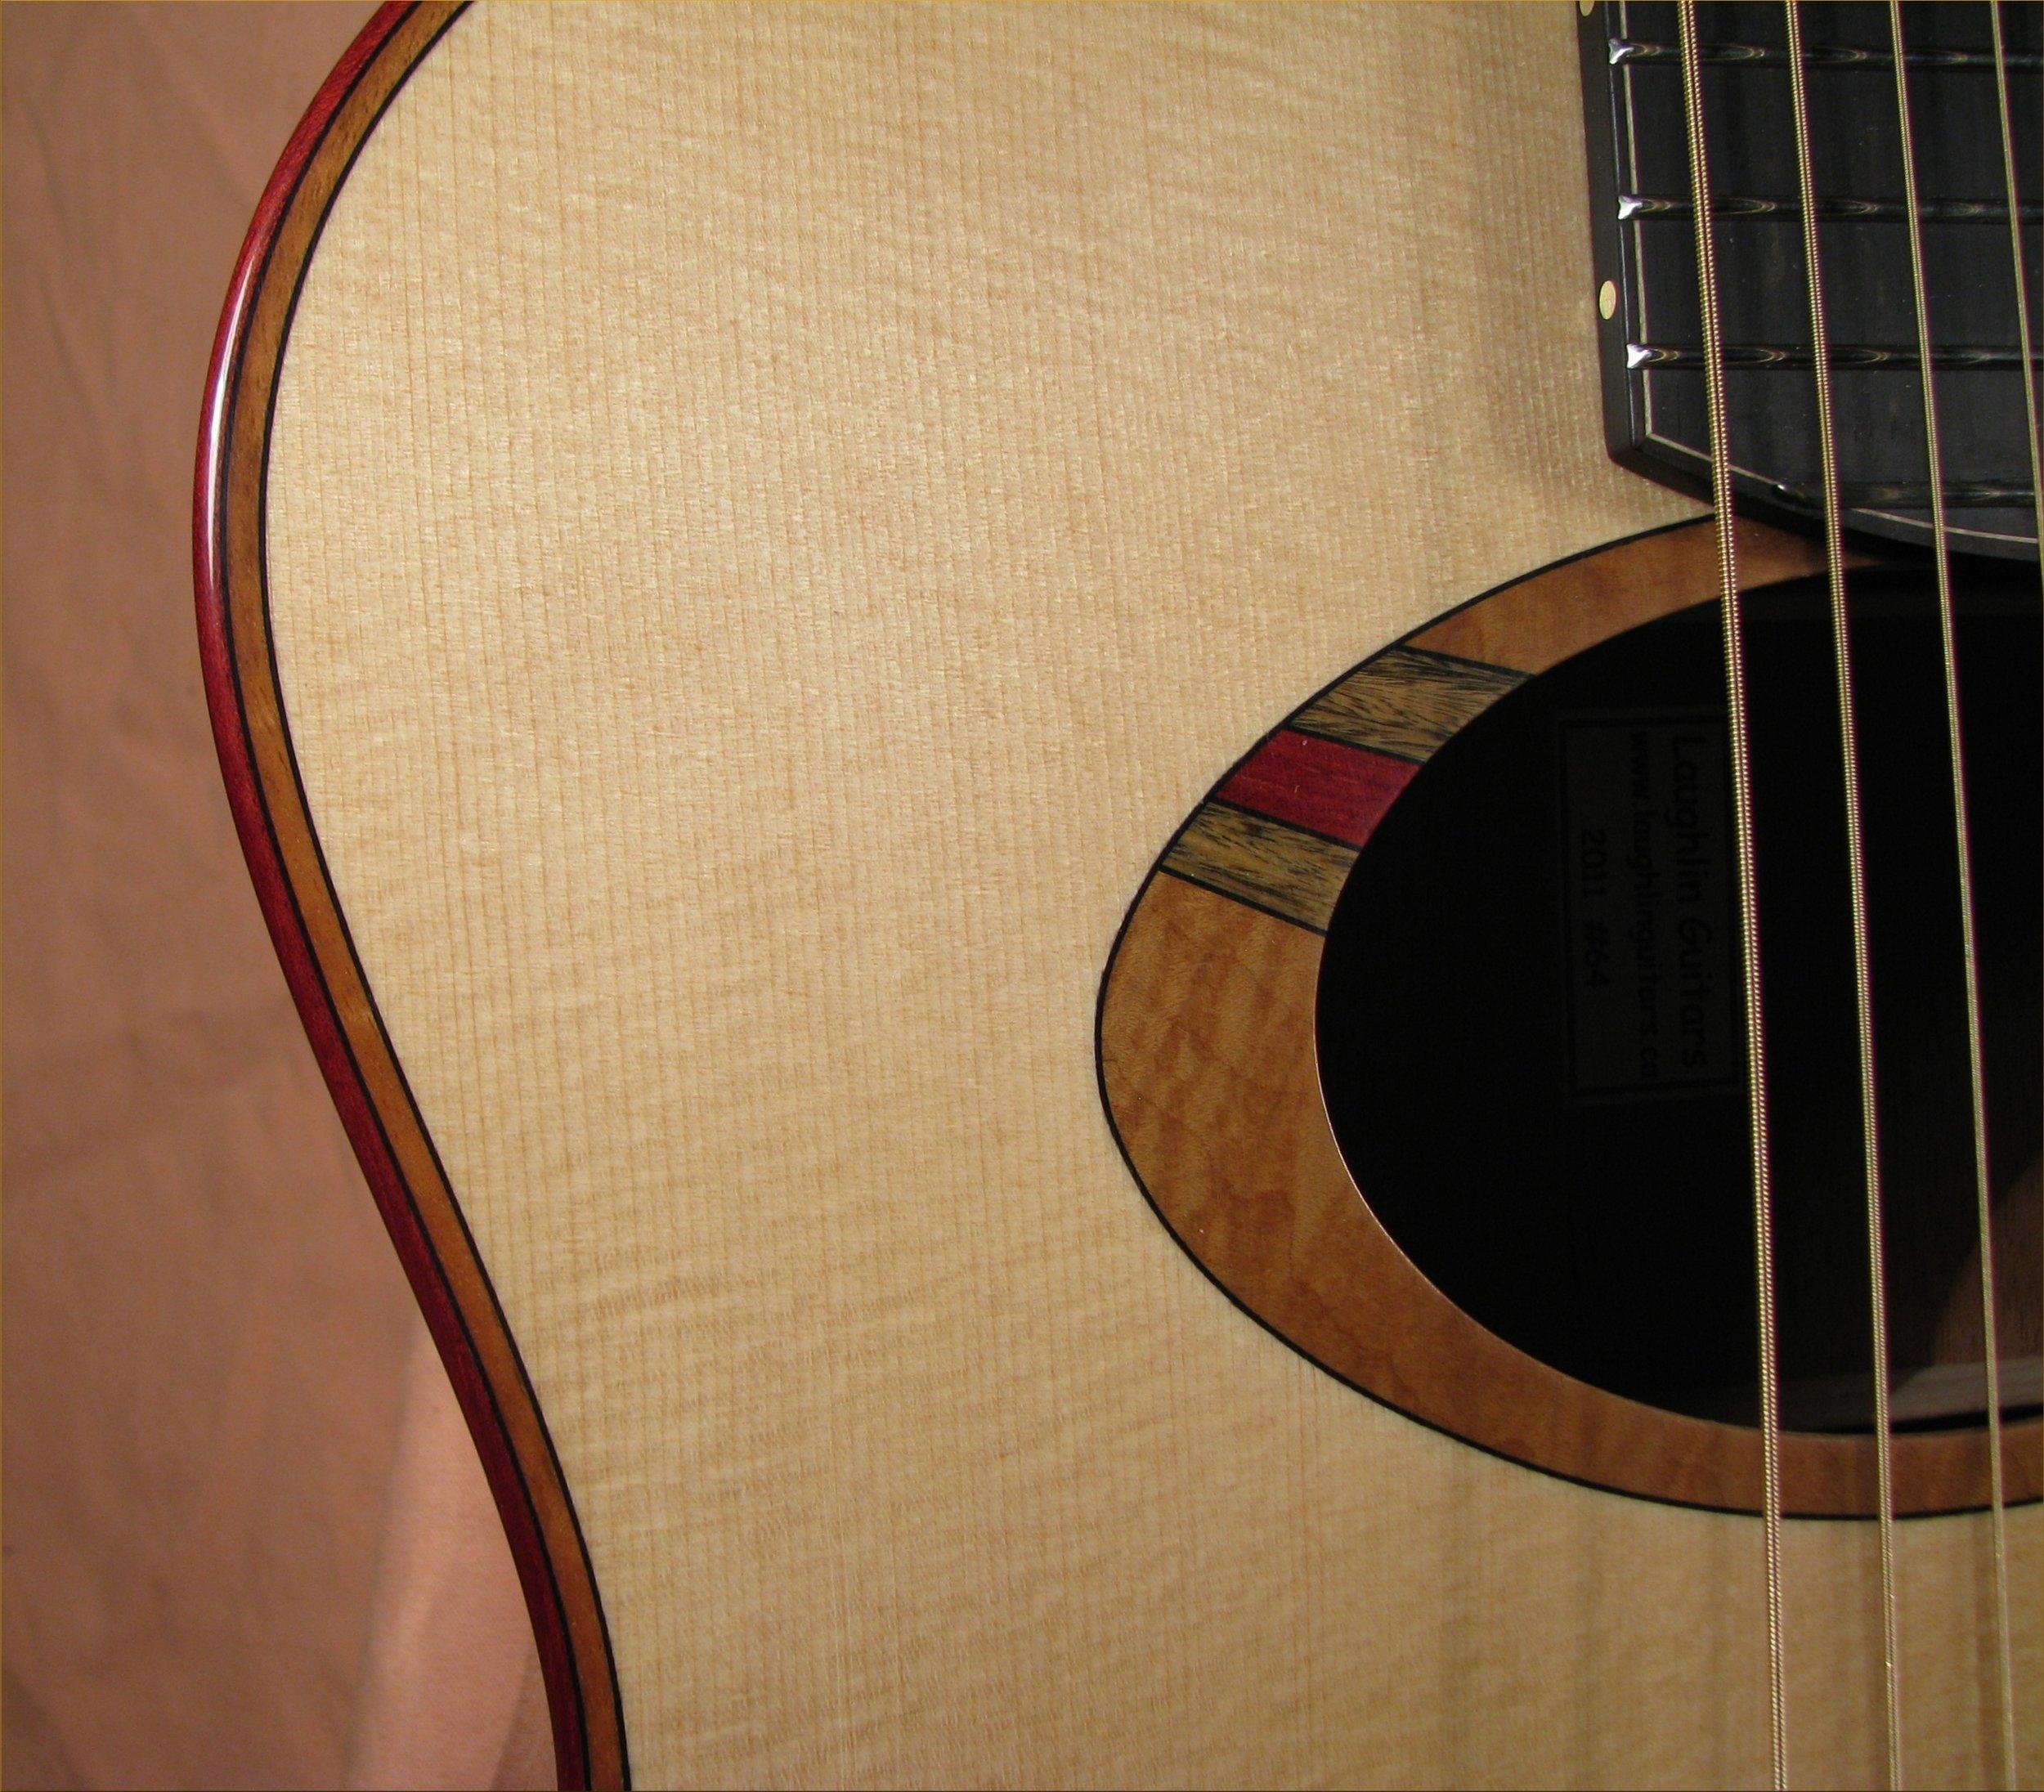 Laughlin Guitar Pic 2.jpg